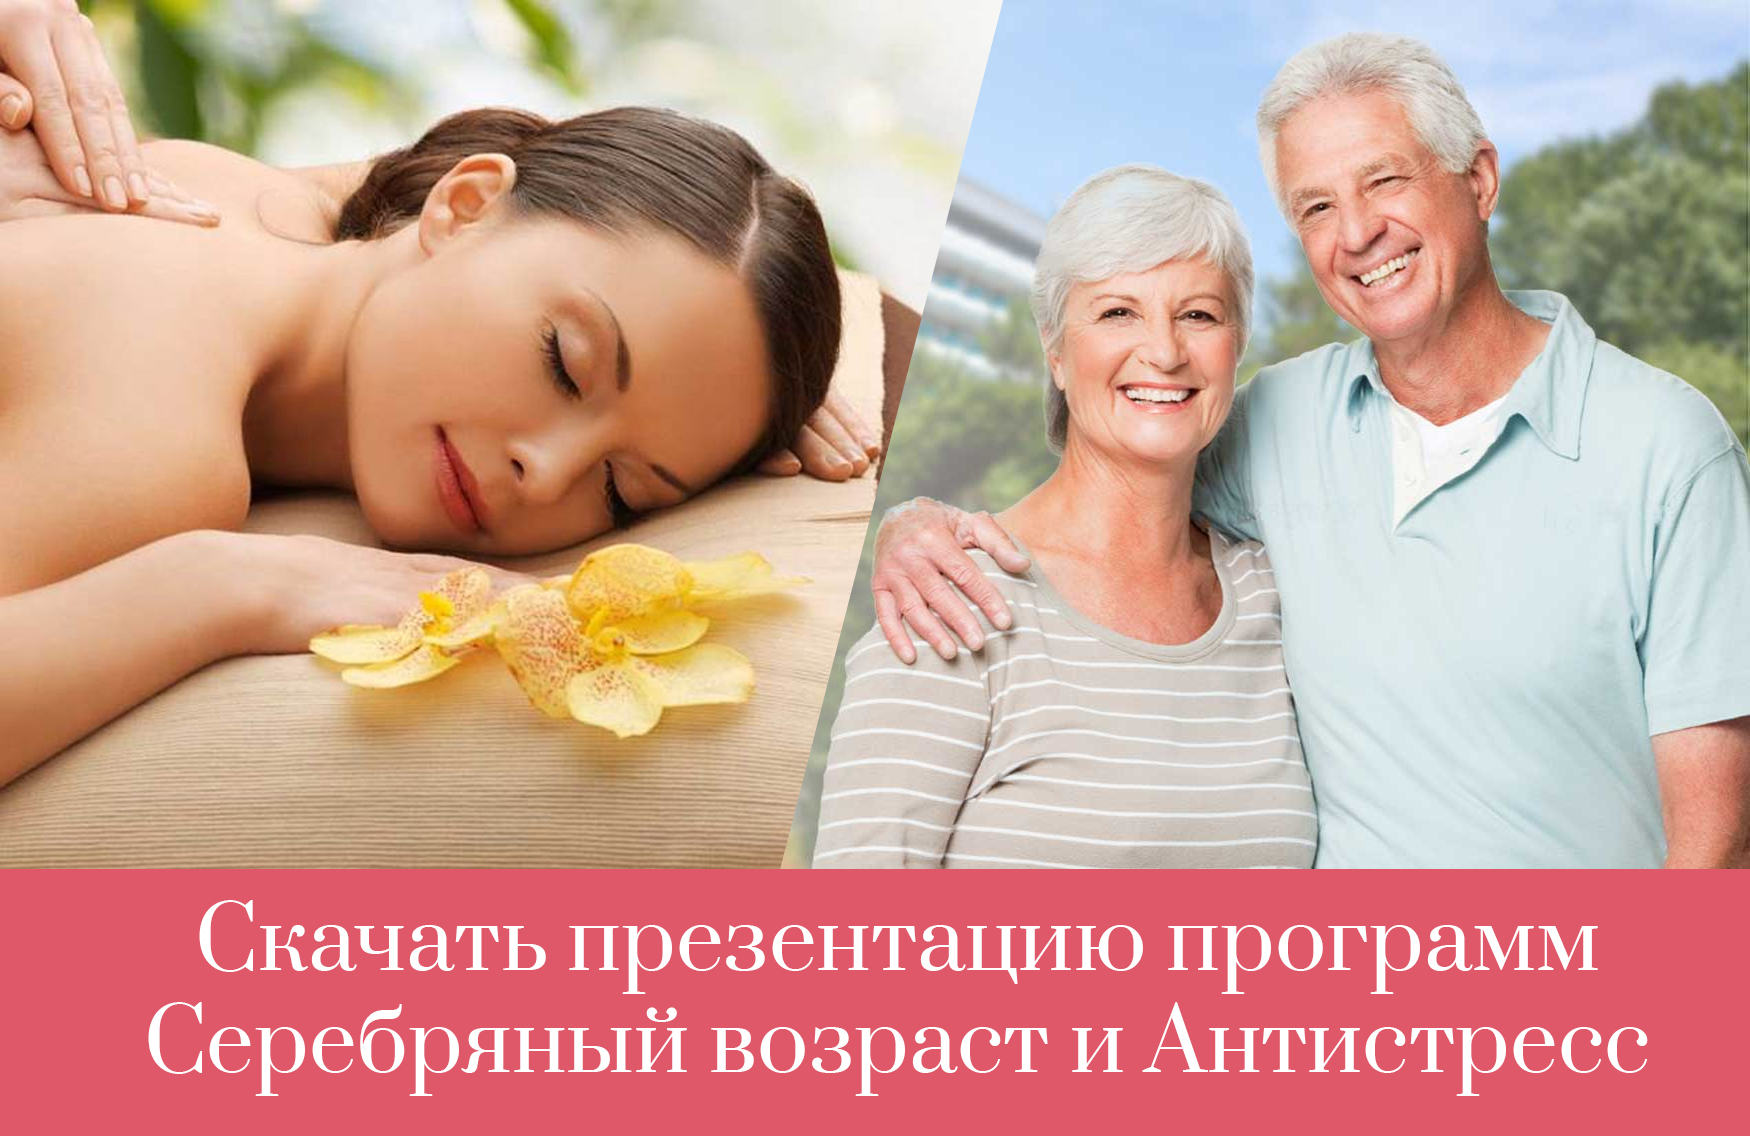 Детоксы, курорты, очищение организма и похудение | mariakardakova.